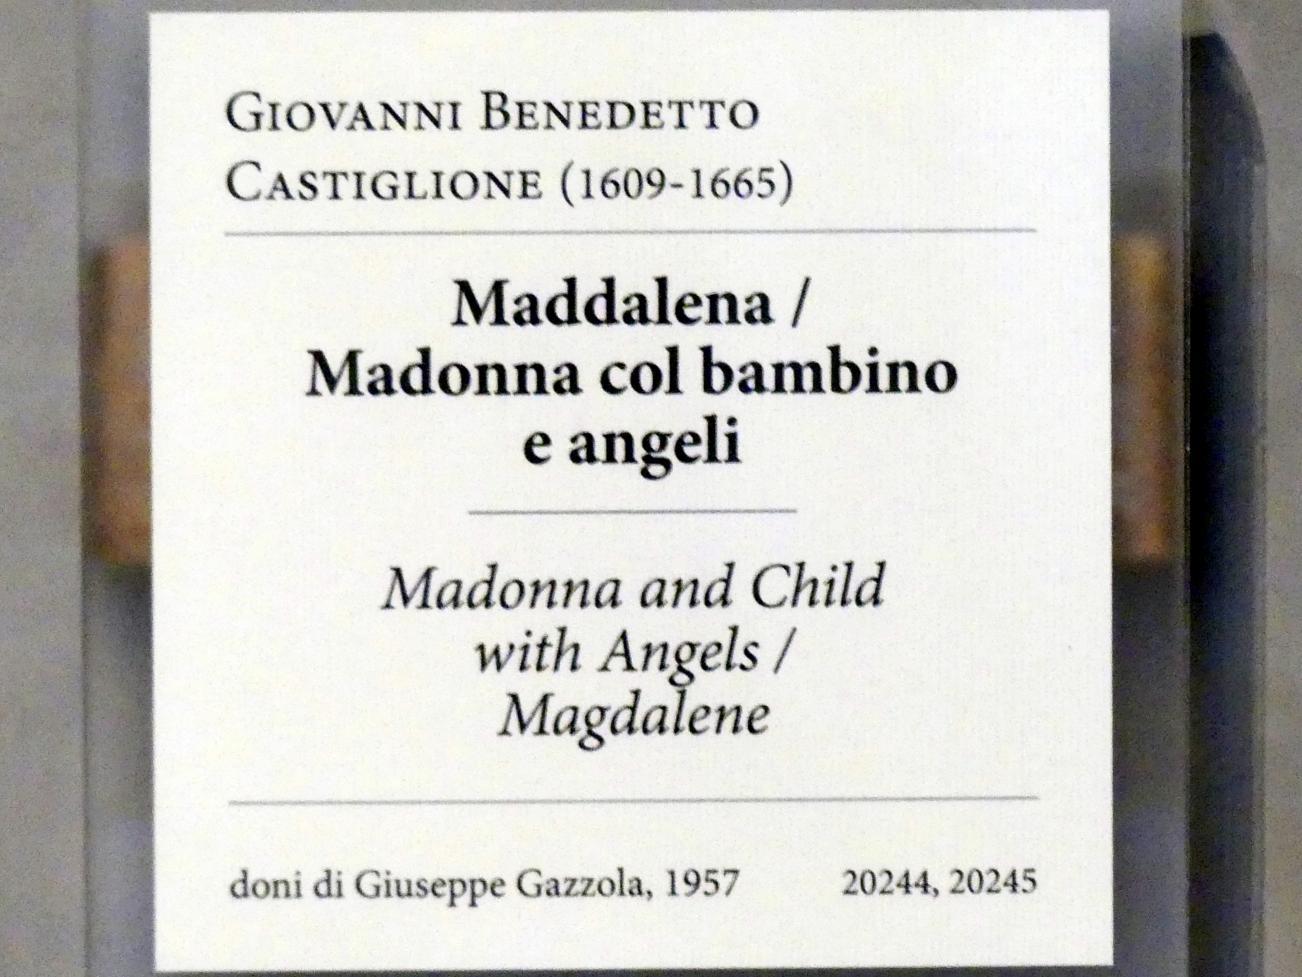 Giovanni Benedetto Castiglione (il Grechetto): Heilige Maria Magdalena / Maria mit Kind und Engeln, Undatiert, Bild 2/2